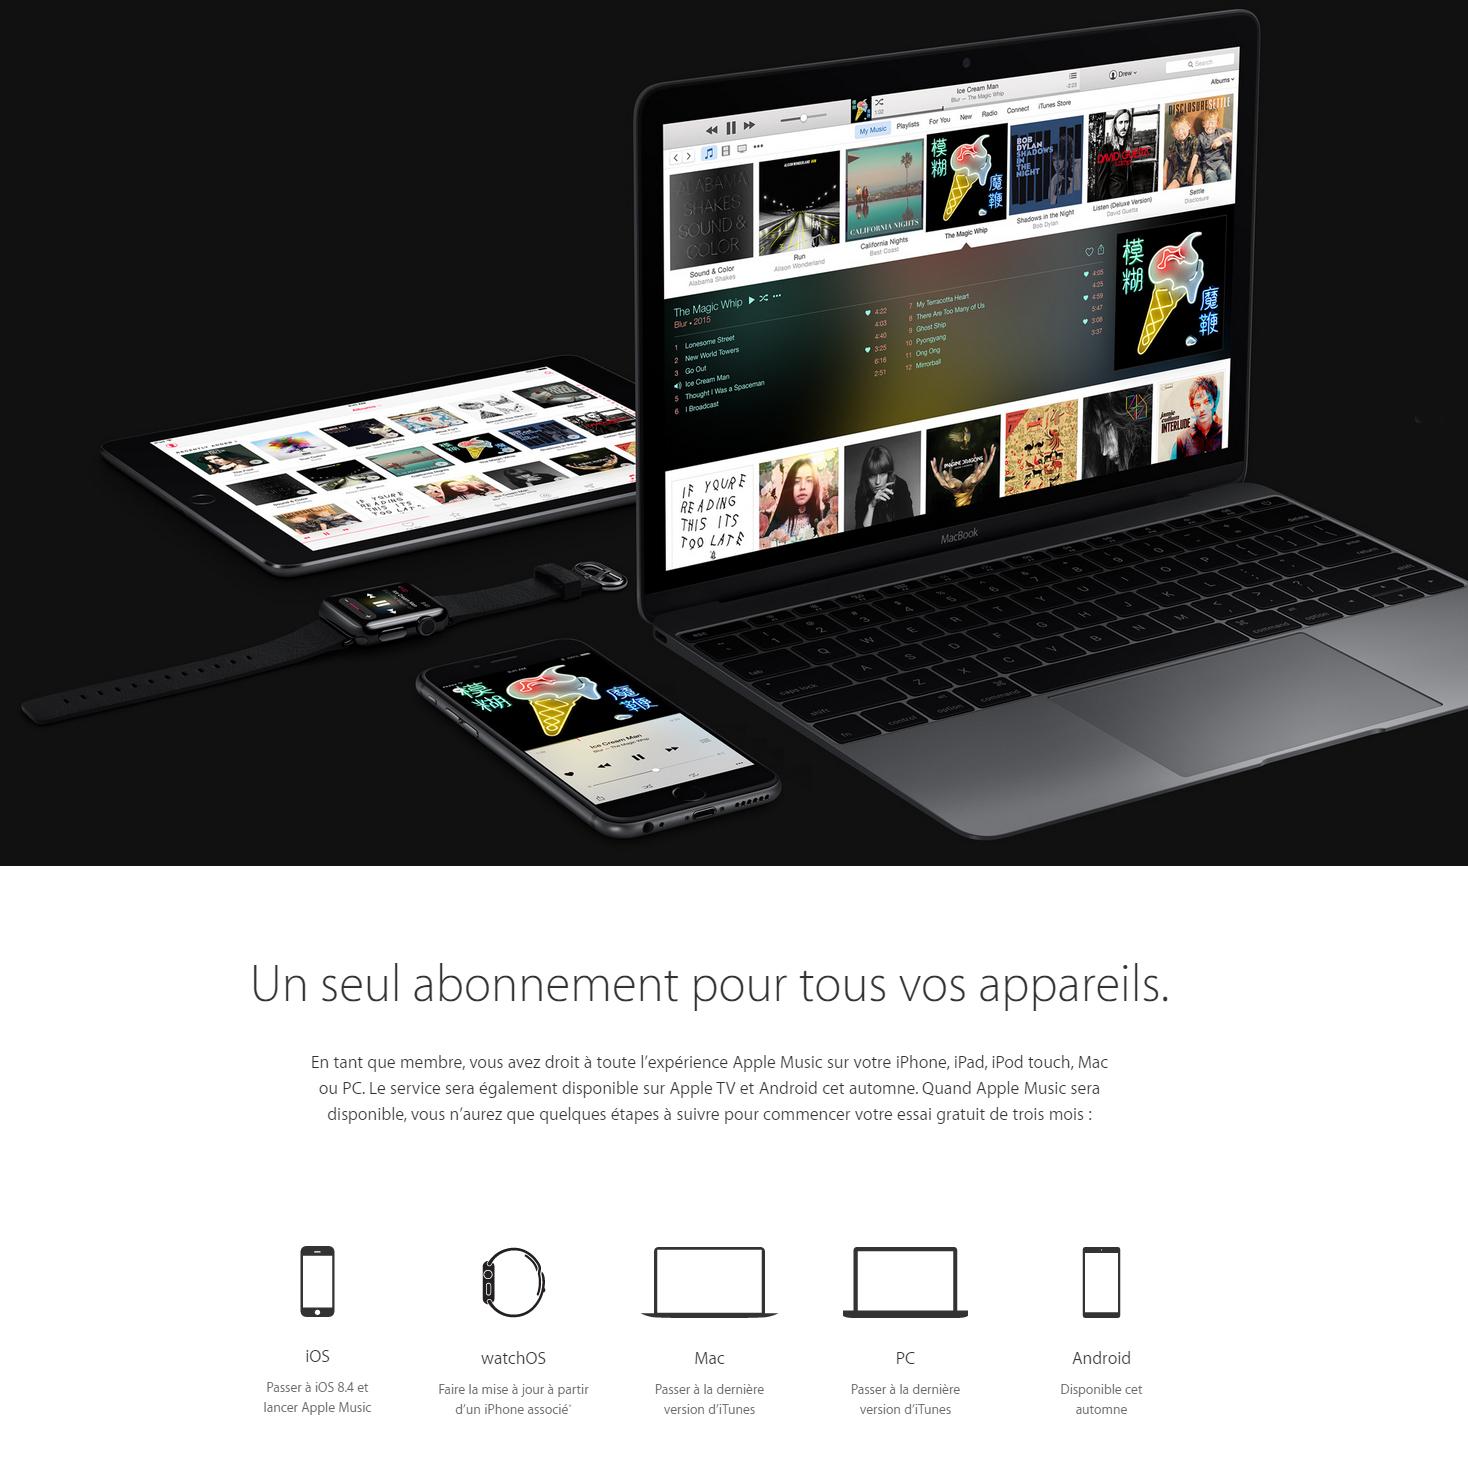 Apple Music - les appareils compatibles